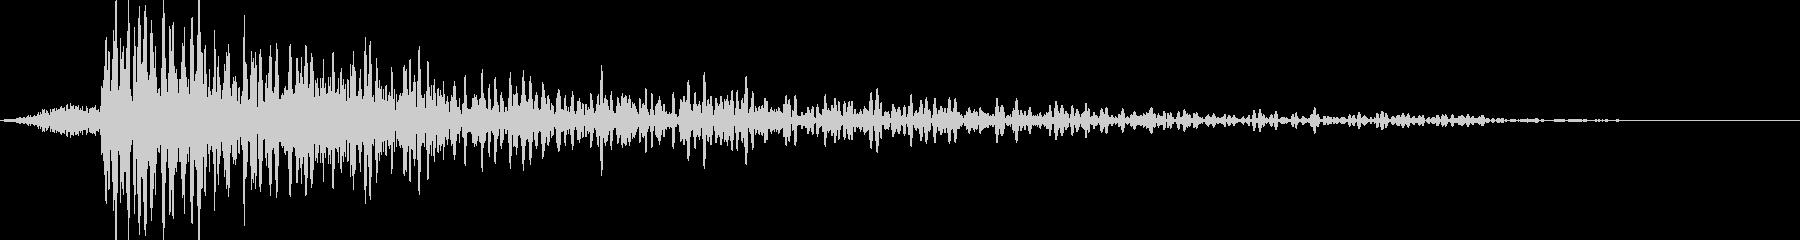 PCが爆破するCinematicな効果音の未再生の波形